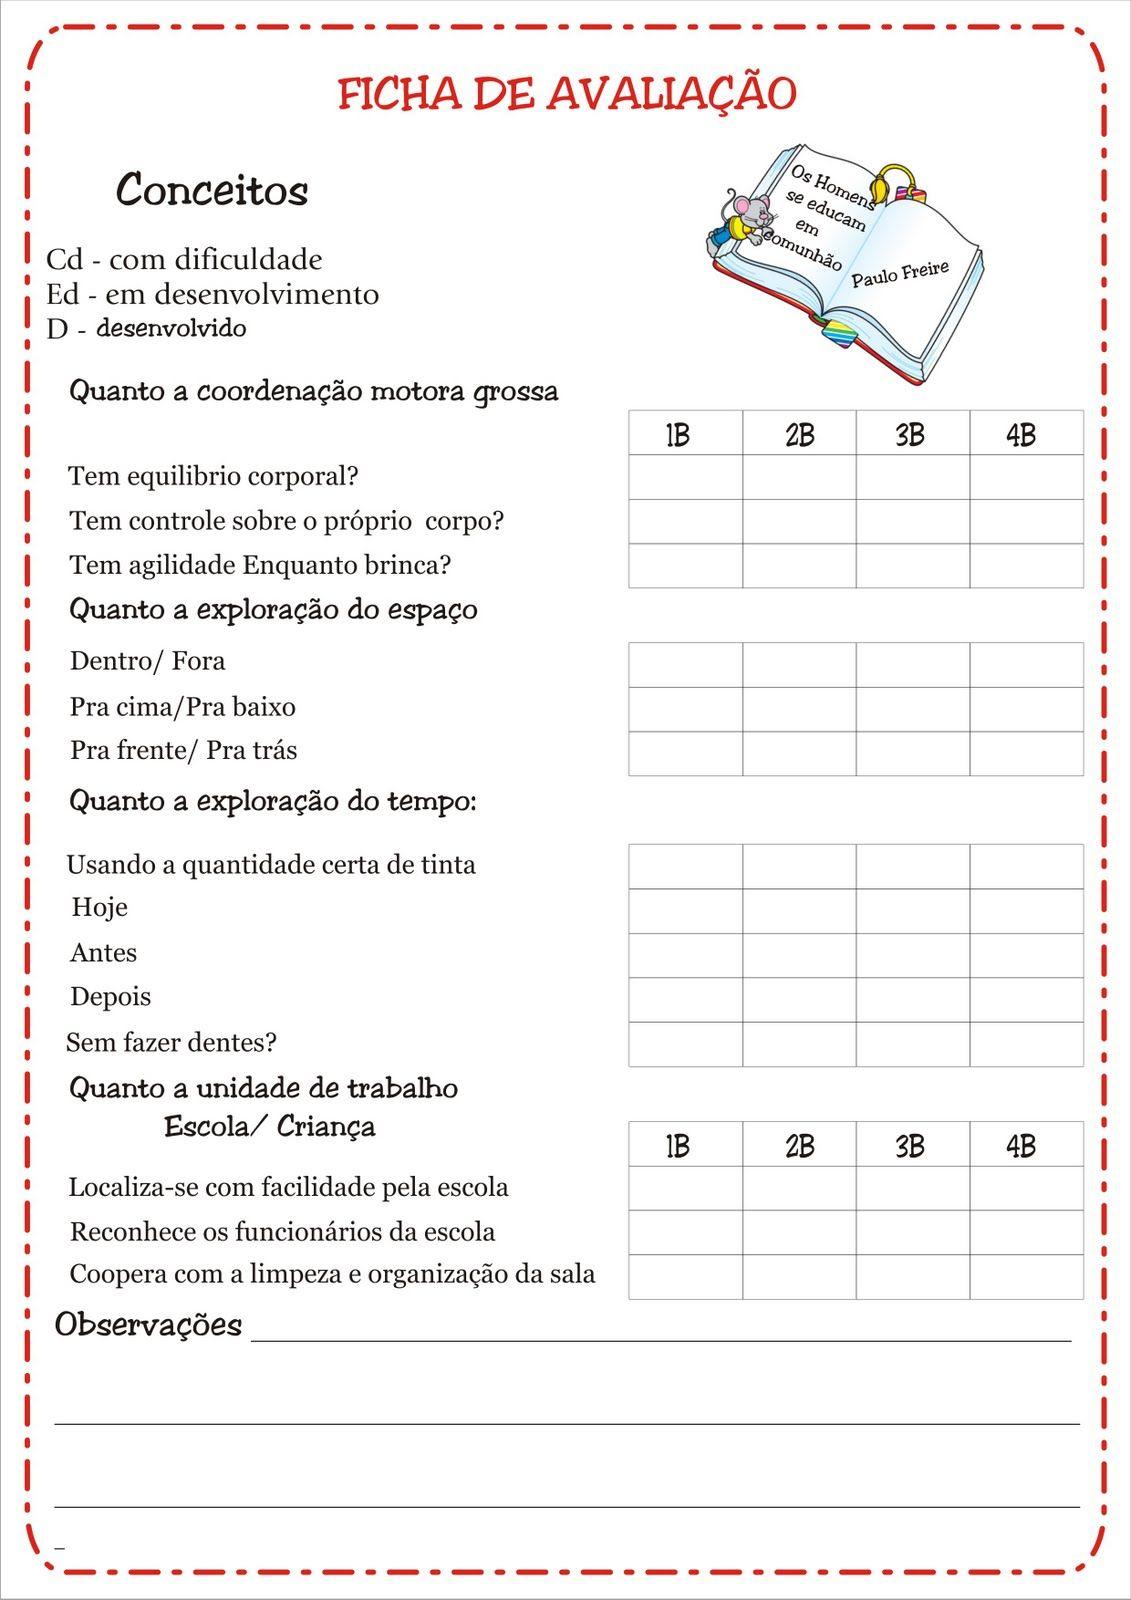 Suficiente Fichas de Avaliação e Conceitos Educação Infantil | Ideia Criativa  YQ21